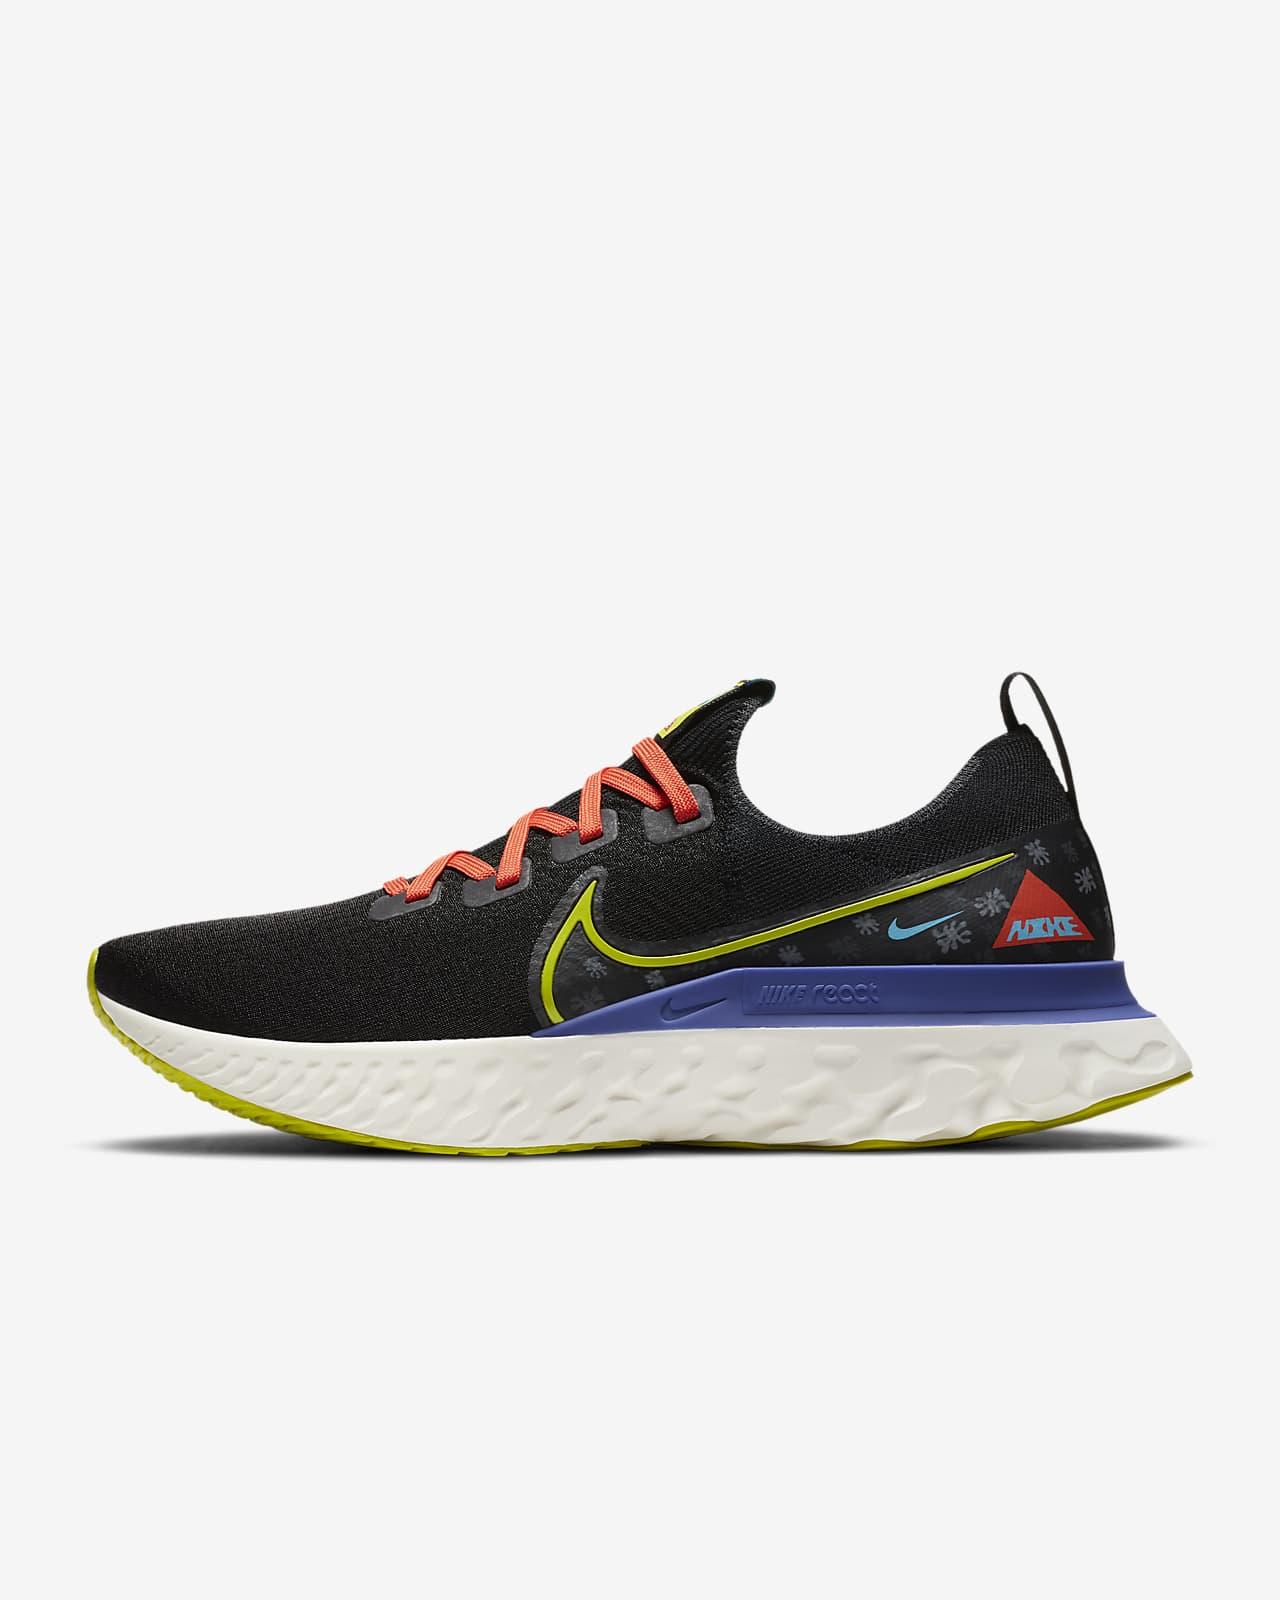 Nike React Infinity Run Flyknit A.I.R. Chaz Bear Running Shoe